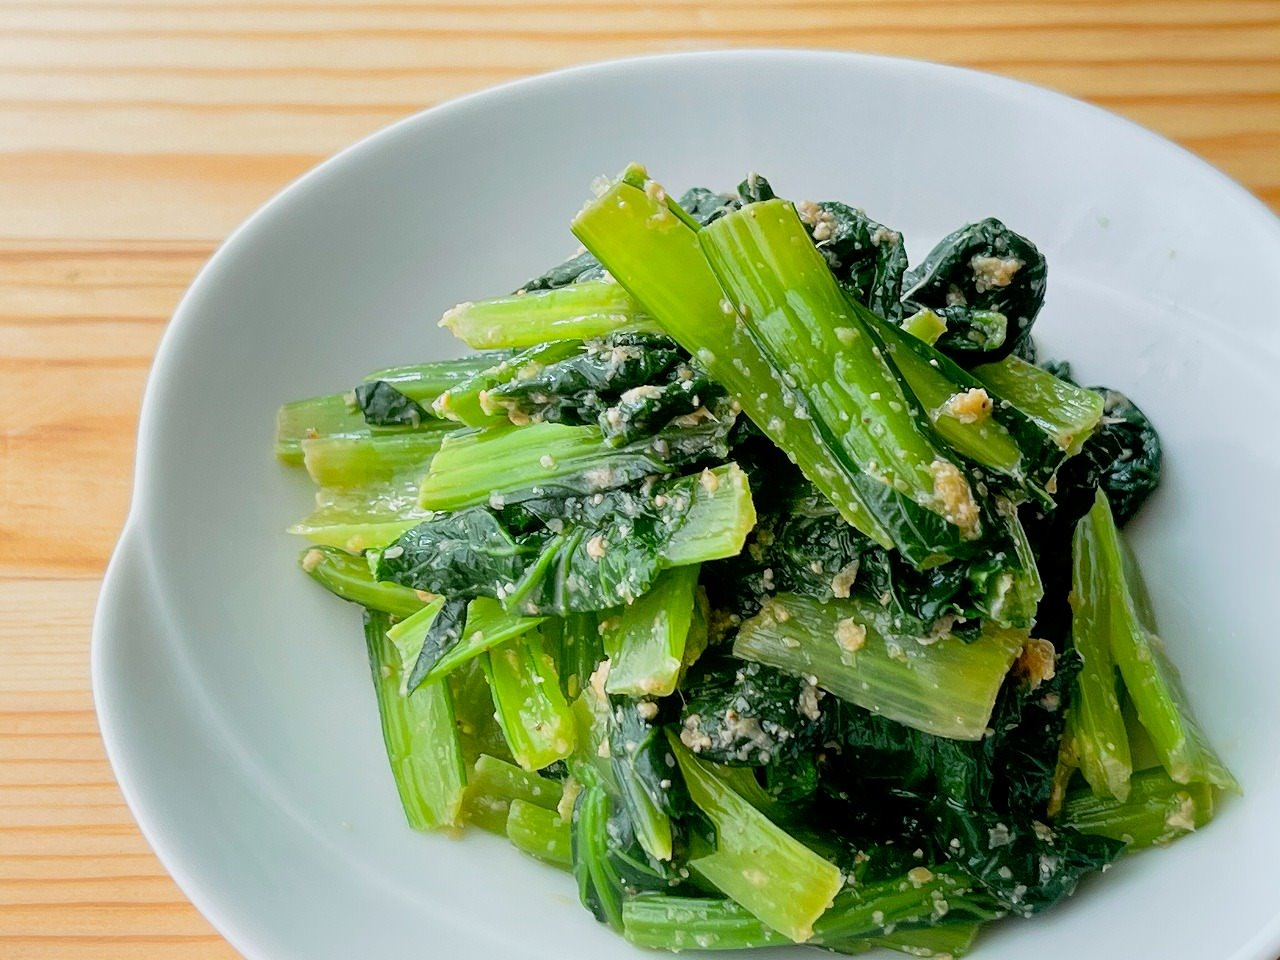 【野菜ひとつ】小松菜のごましょうが和え